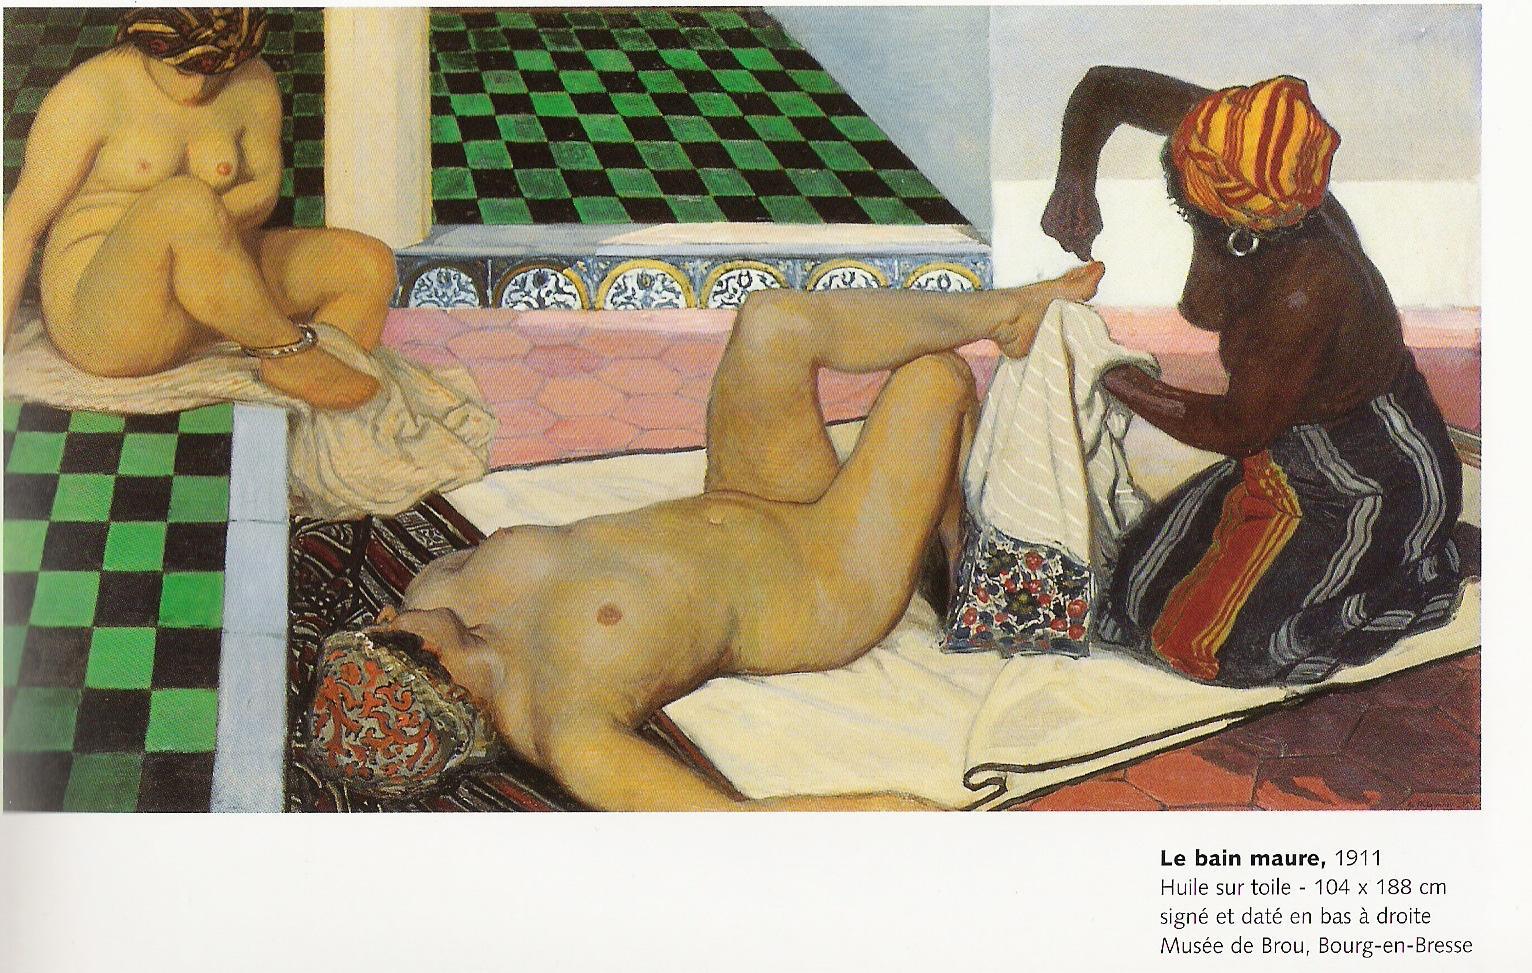 Le Bain Maure peint par Jules Migonney en 1911-huile sur toile 104x188cm-Musée de Brou à Bourg en Bresse